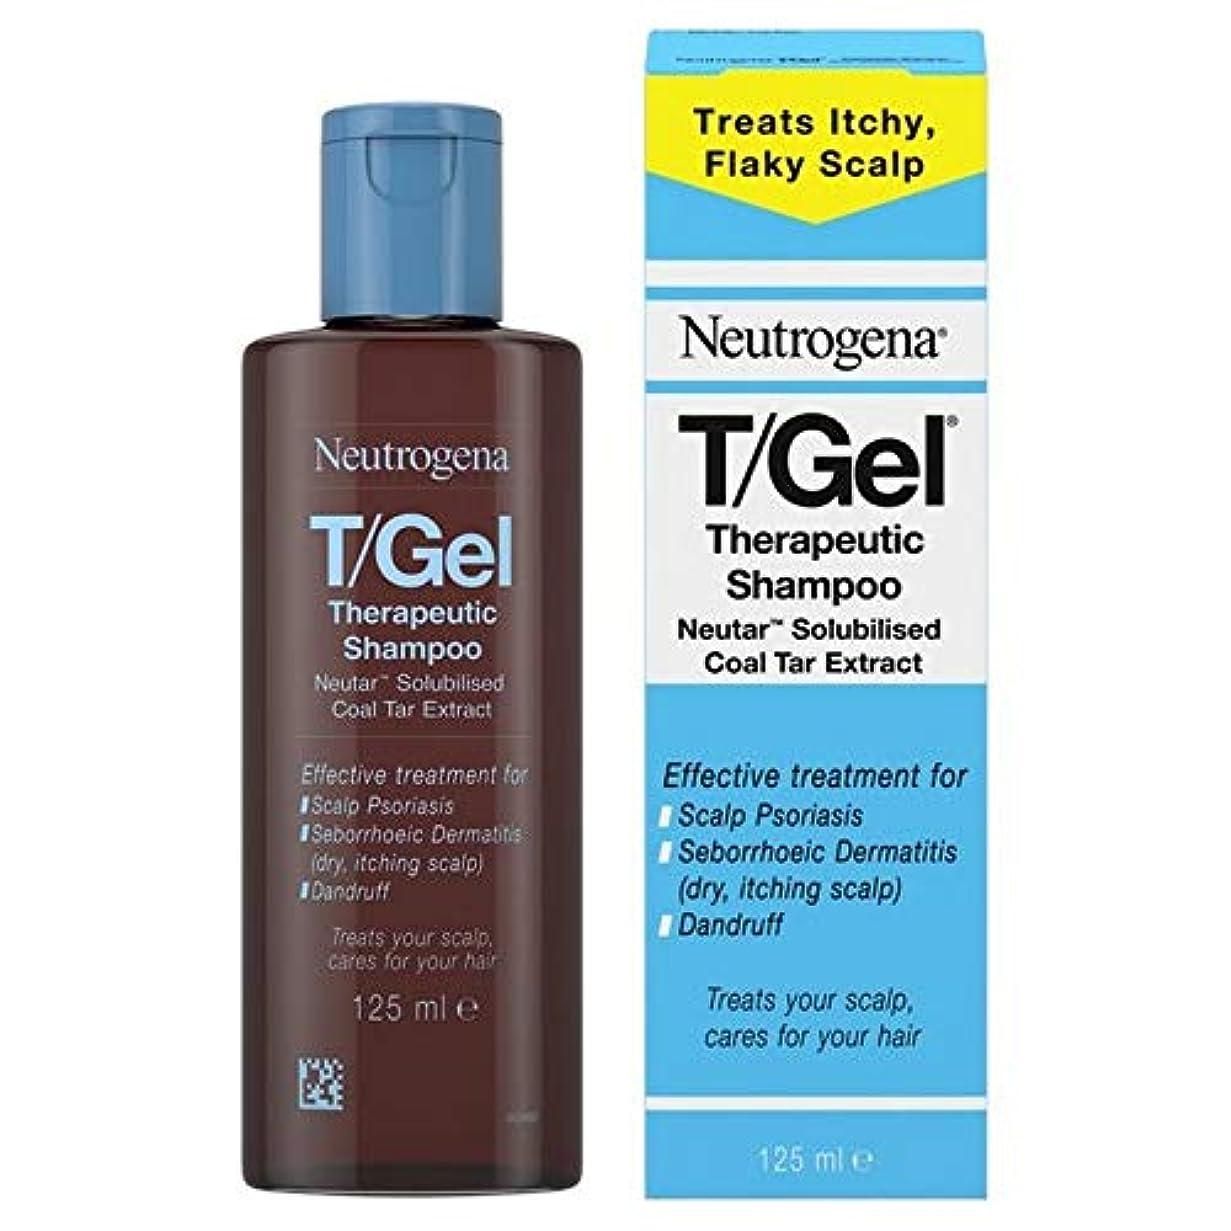 ハリケーン速い悲しむ[Neutrogena ] ニュートロジーナのT /ゲル治療シャンプー125ミリリットル - Neutrogena T/Gel Therapeutic Shampoo 125ml [並行輸入品]